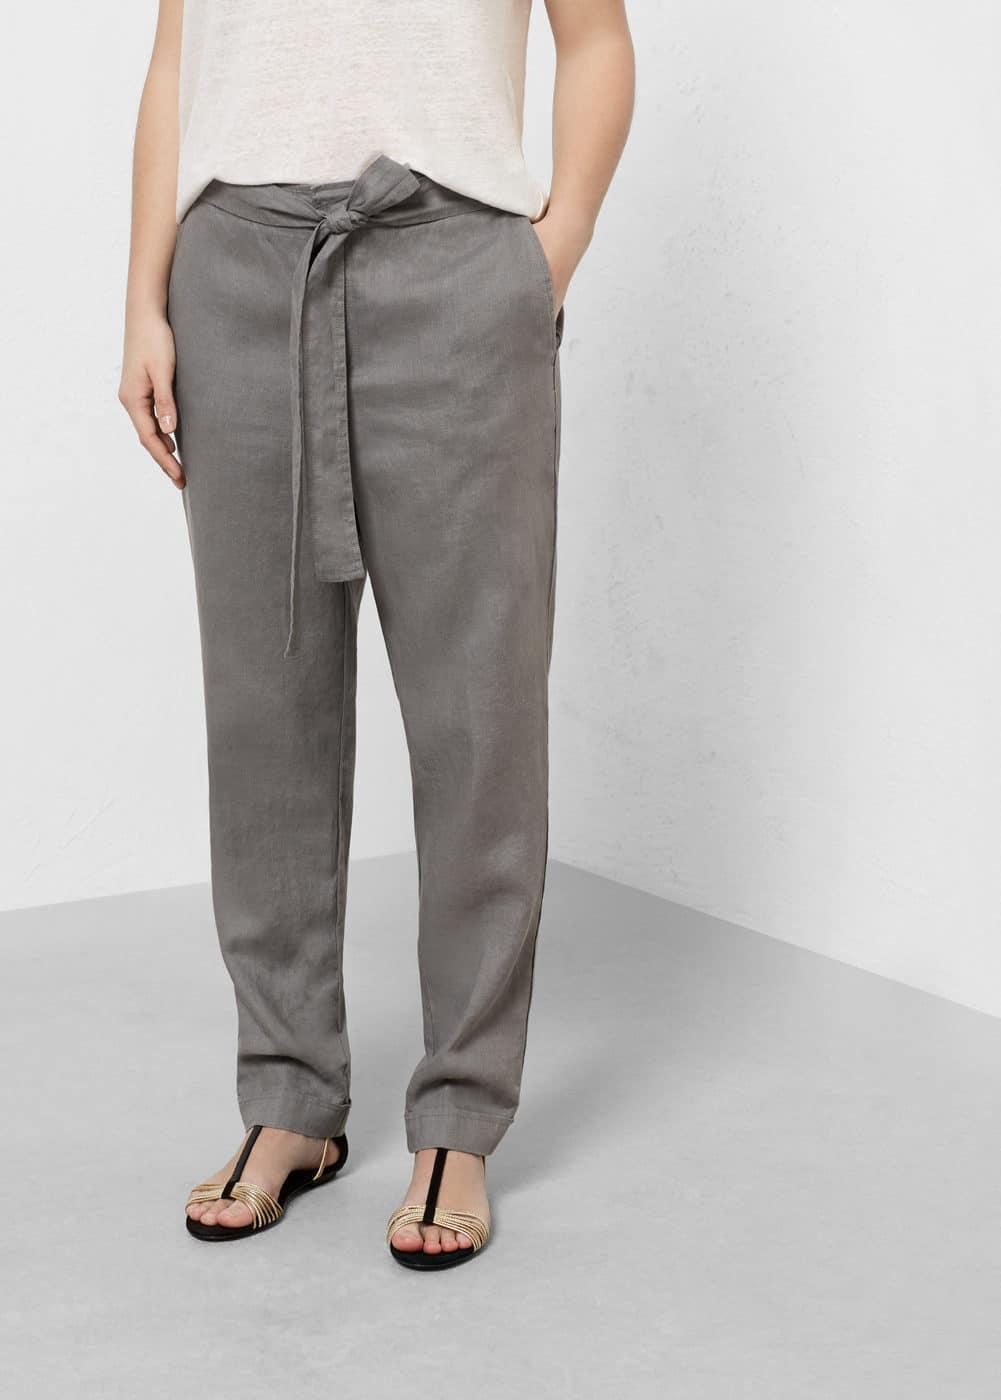 Pantalon baggy lin | VIOLETA BY MANGO